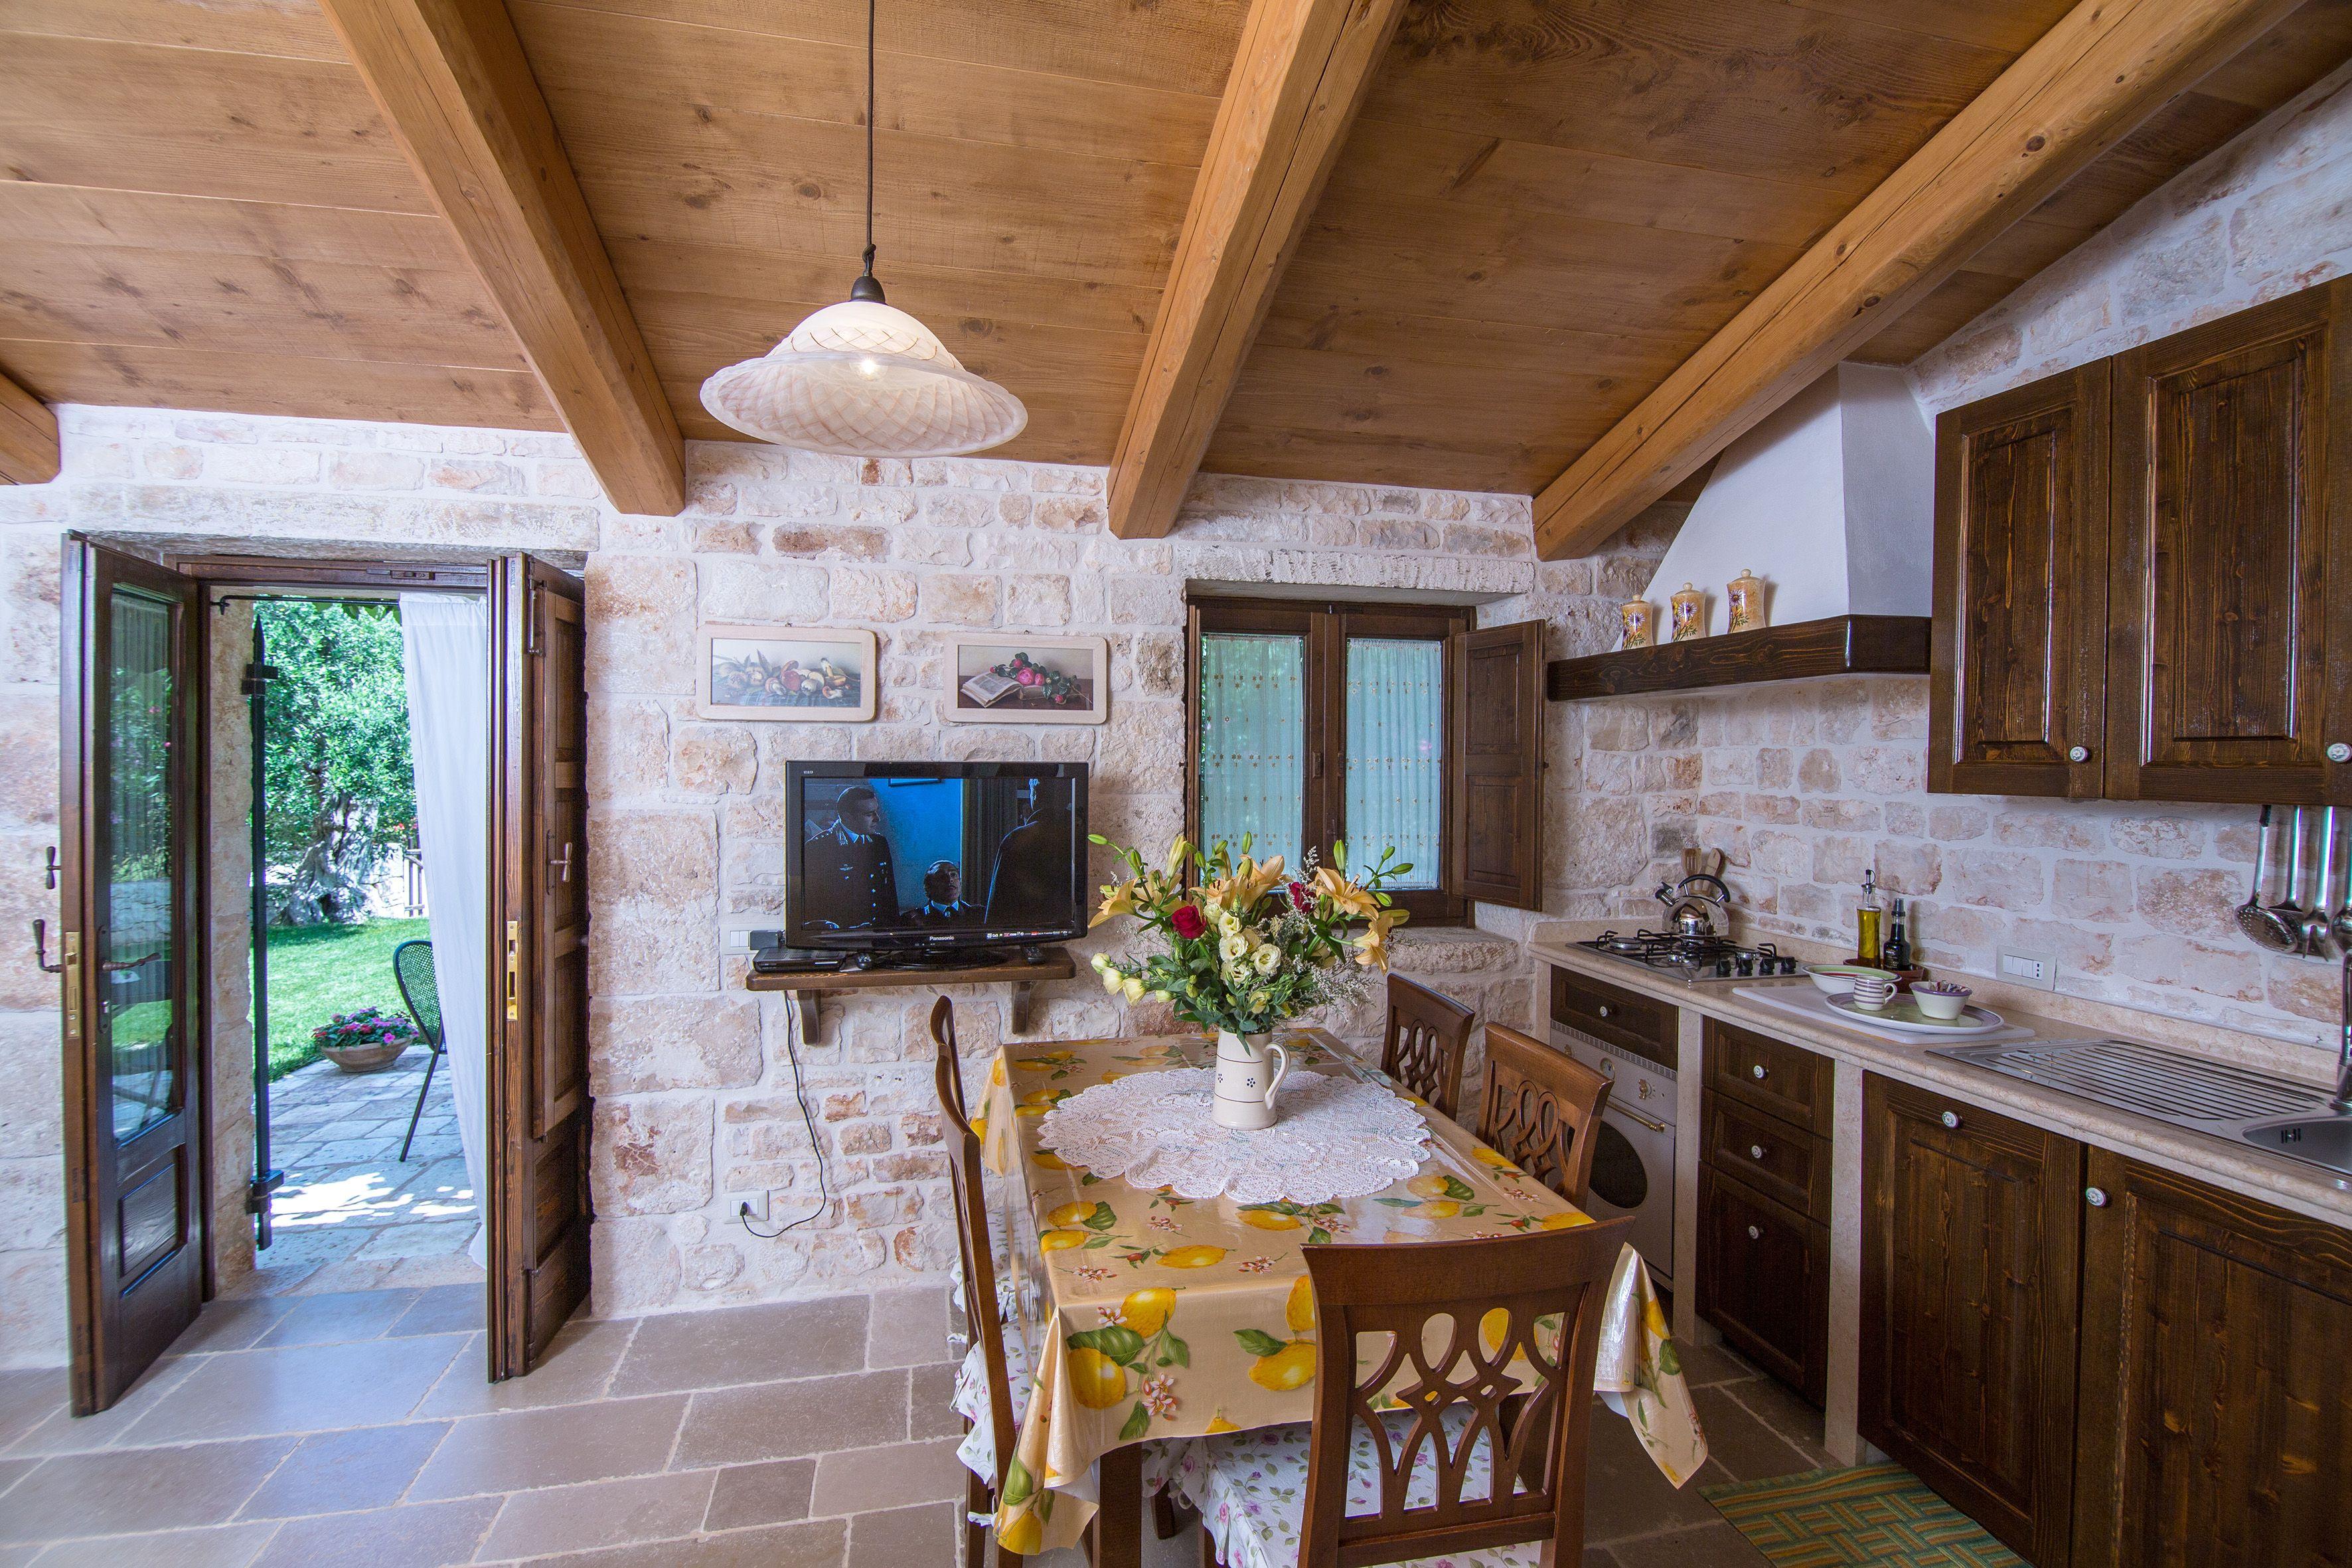 Salone con angolo cottura foto soggiorno con angolo cottura arredamento salone con angolo - Idee per arredare soggiorno con angolo cottura ...